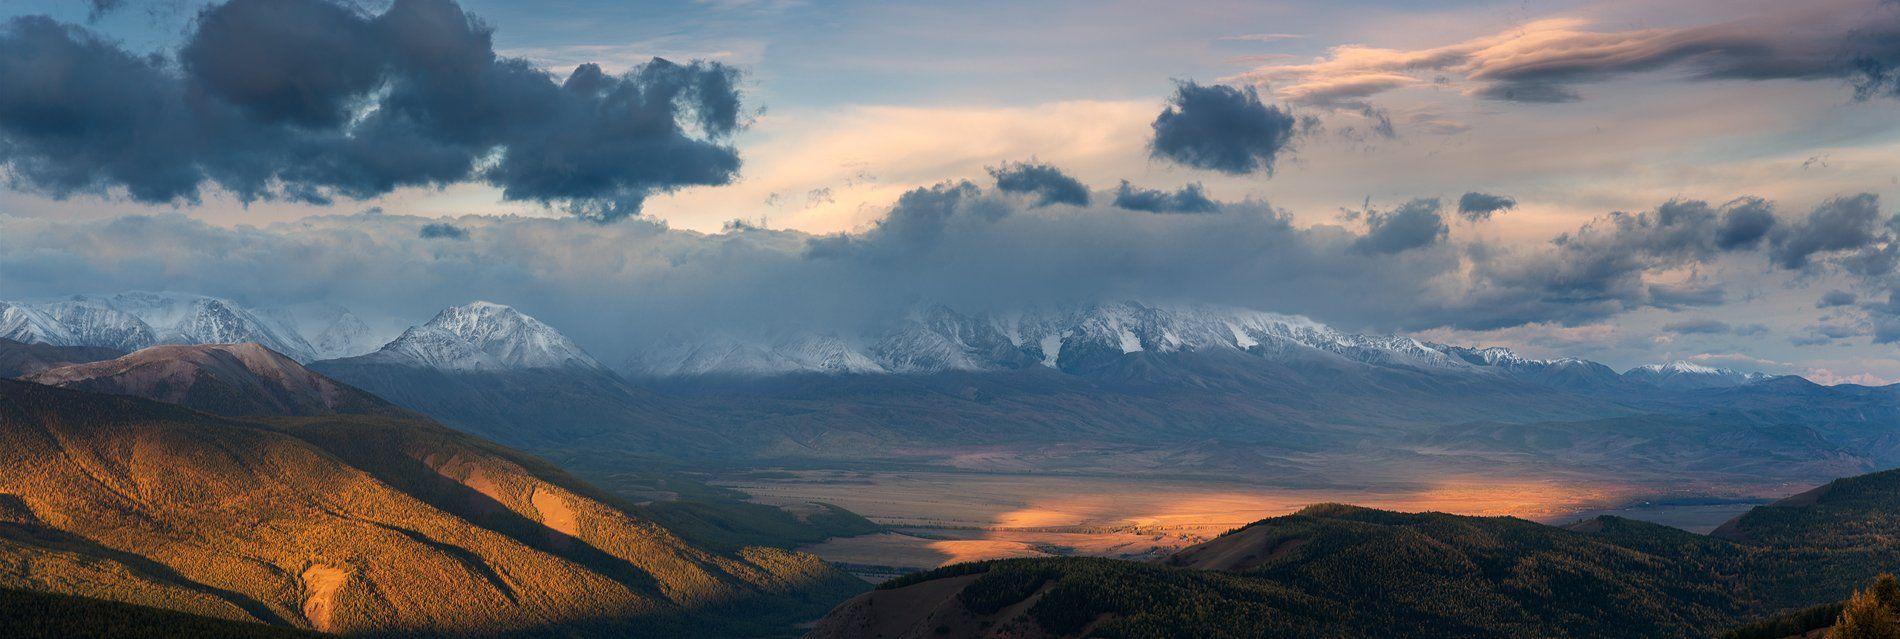 пейзаж, панорама, природа, путешествие, горы, хребет, алтай, северо-чуйский, чуйский, степь, долина, утро, рассвет, большой, красивая, высокие, небо, облака, сентябрь, осень, Дмитрий Антипов